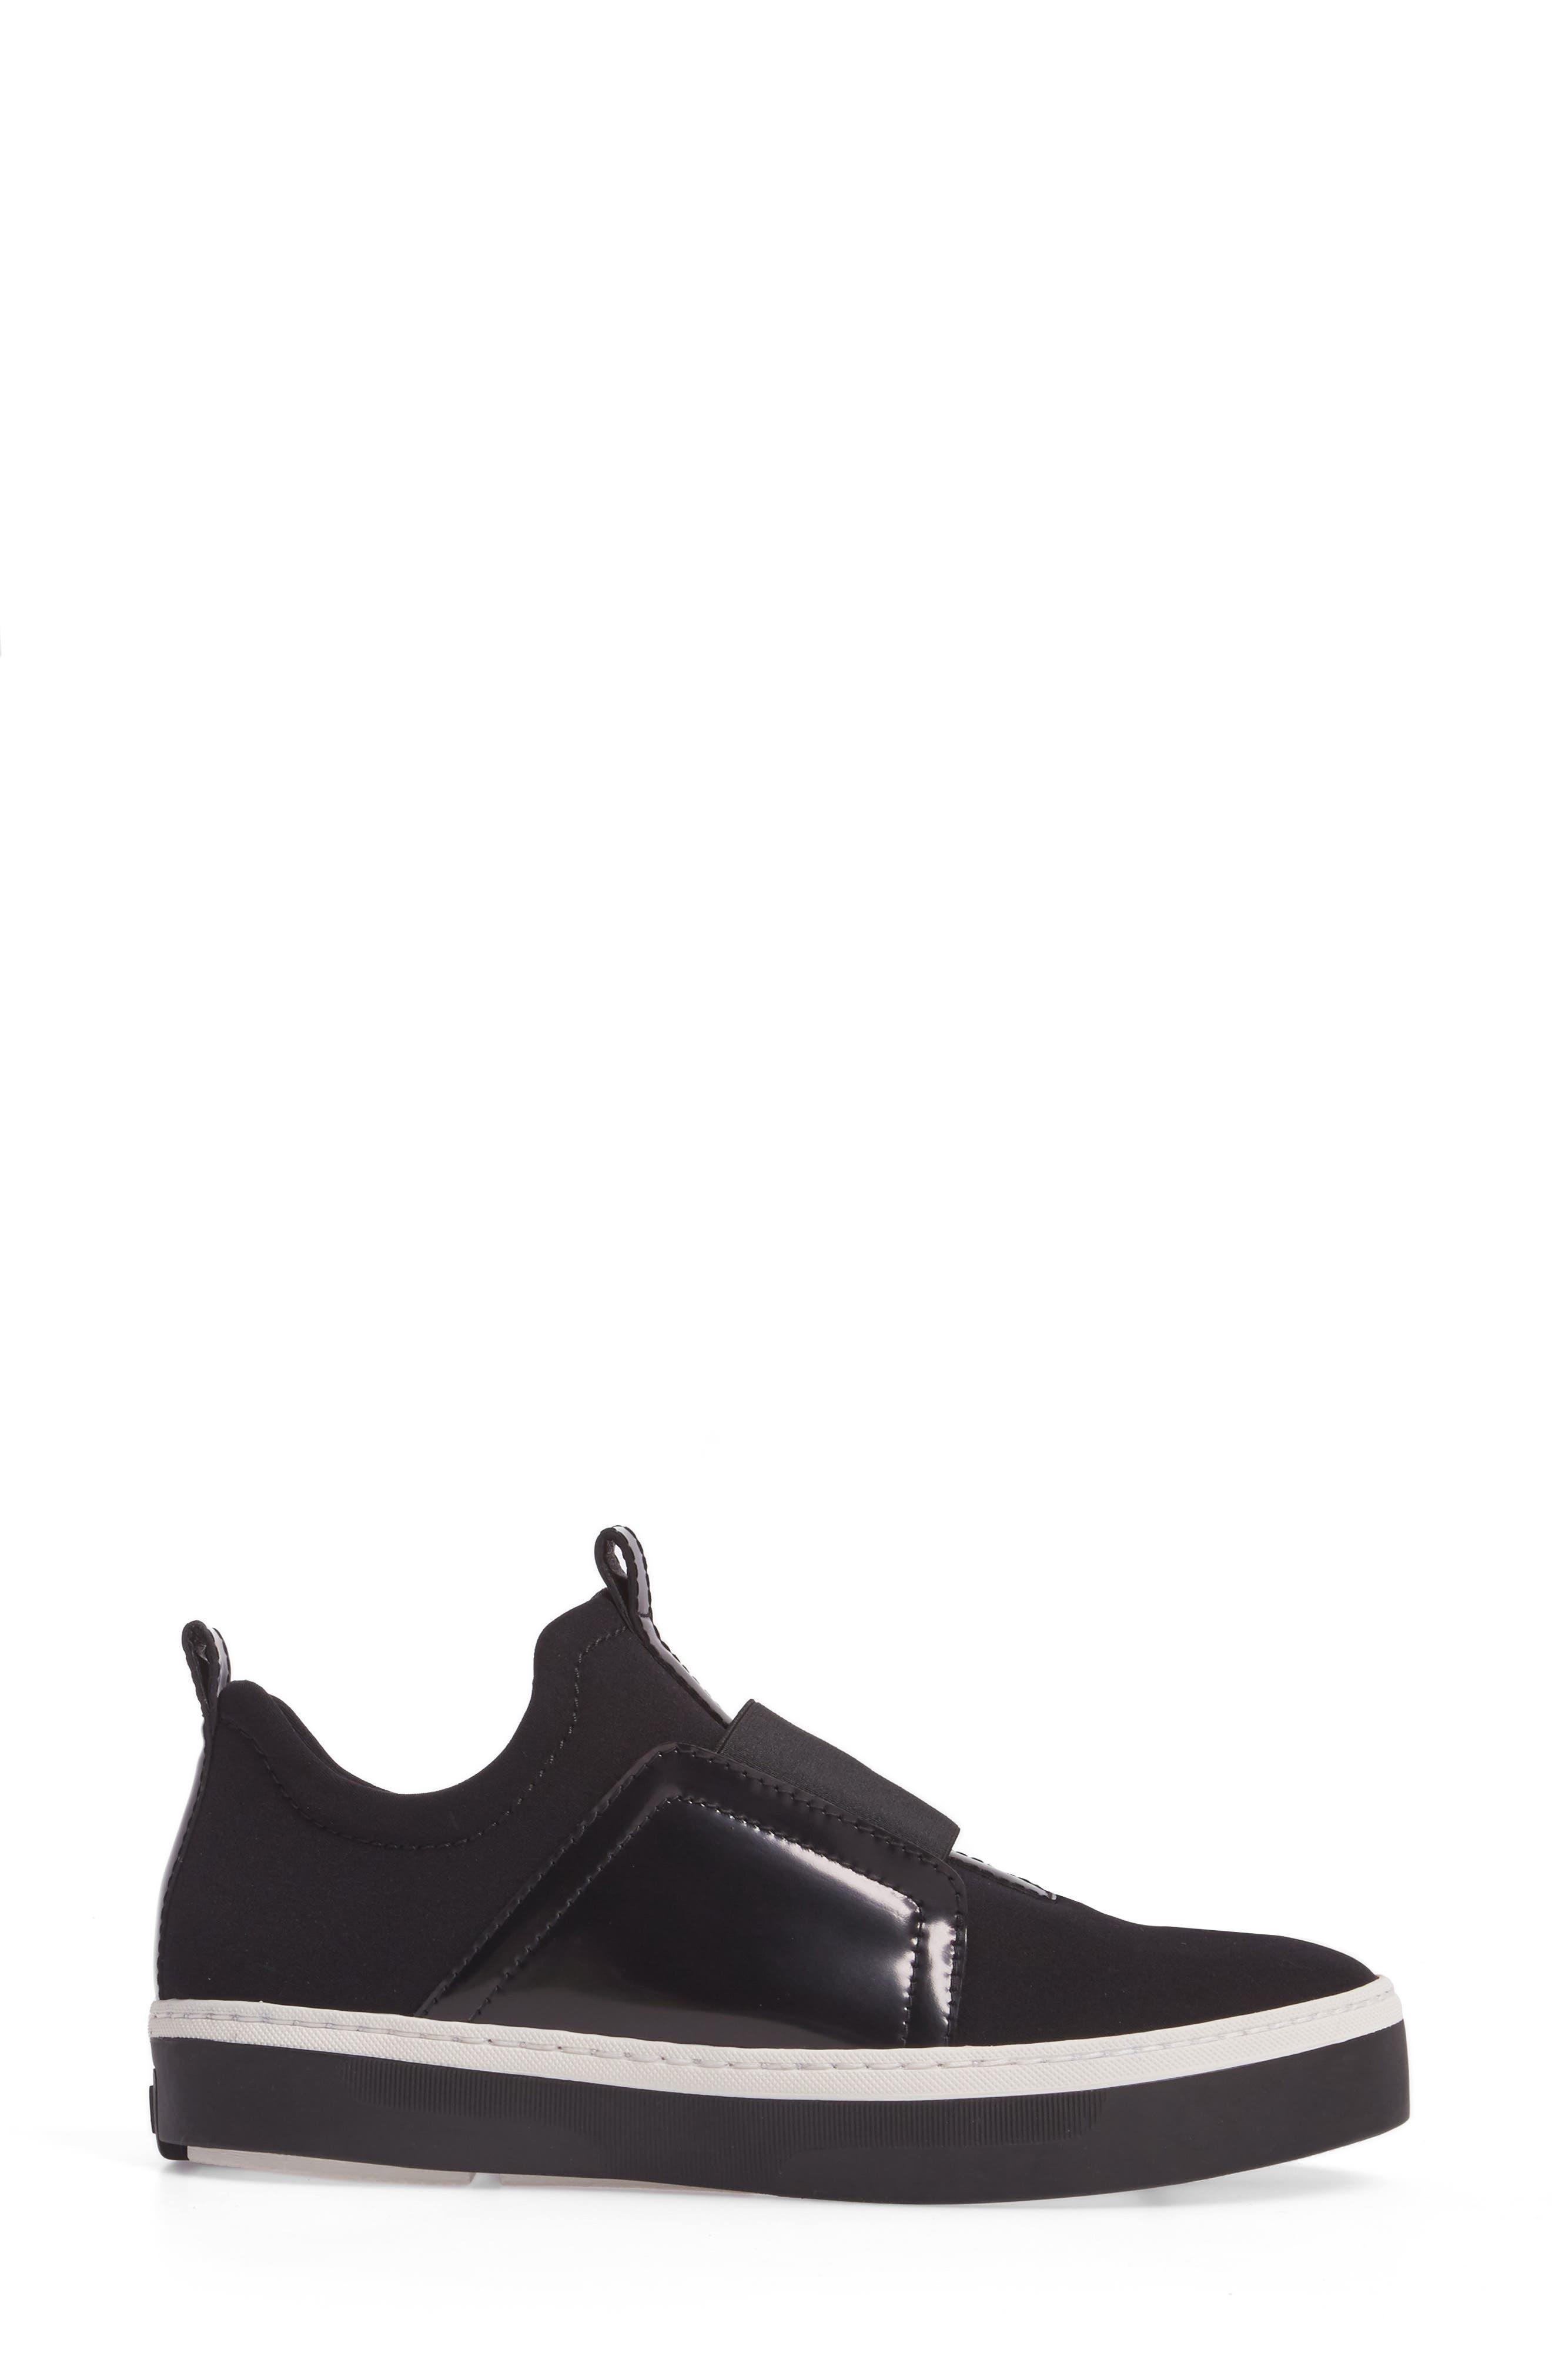 Wayfare Slip-On Sneaker,                             Alternate thumbnail 3, color,                             Black Neoprene